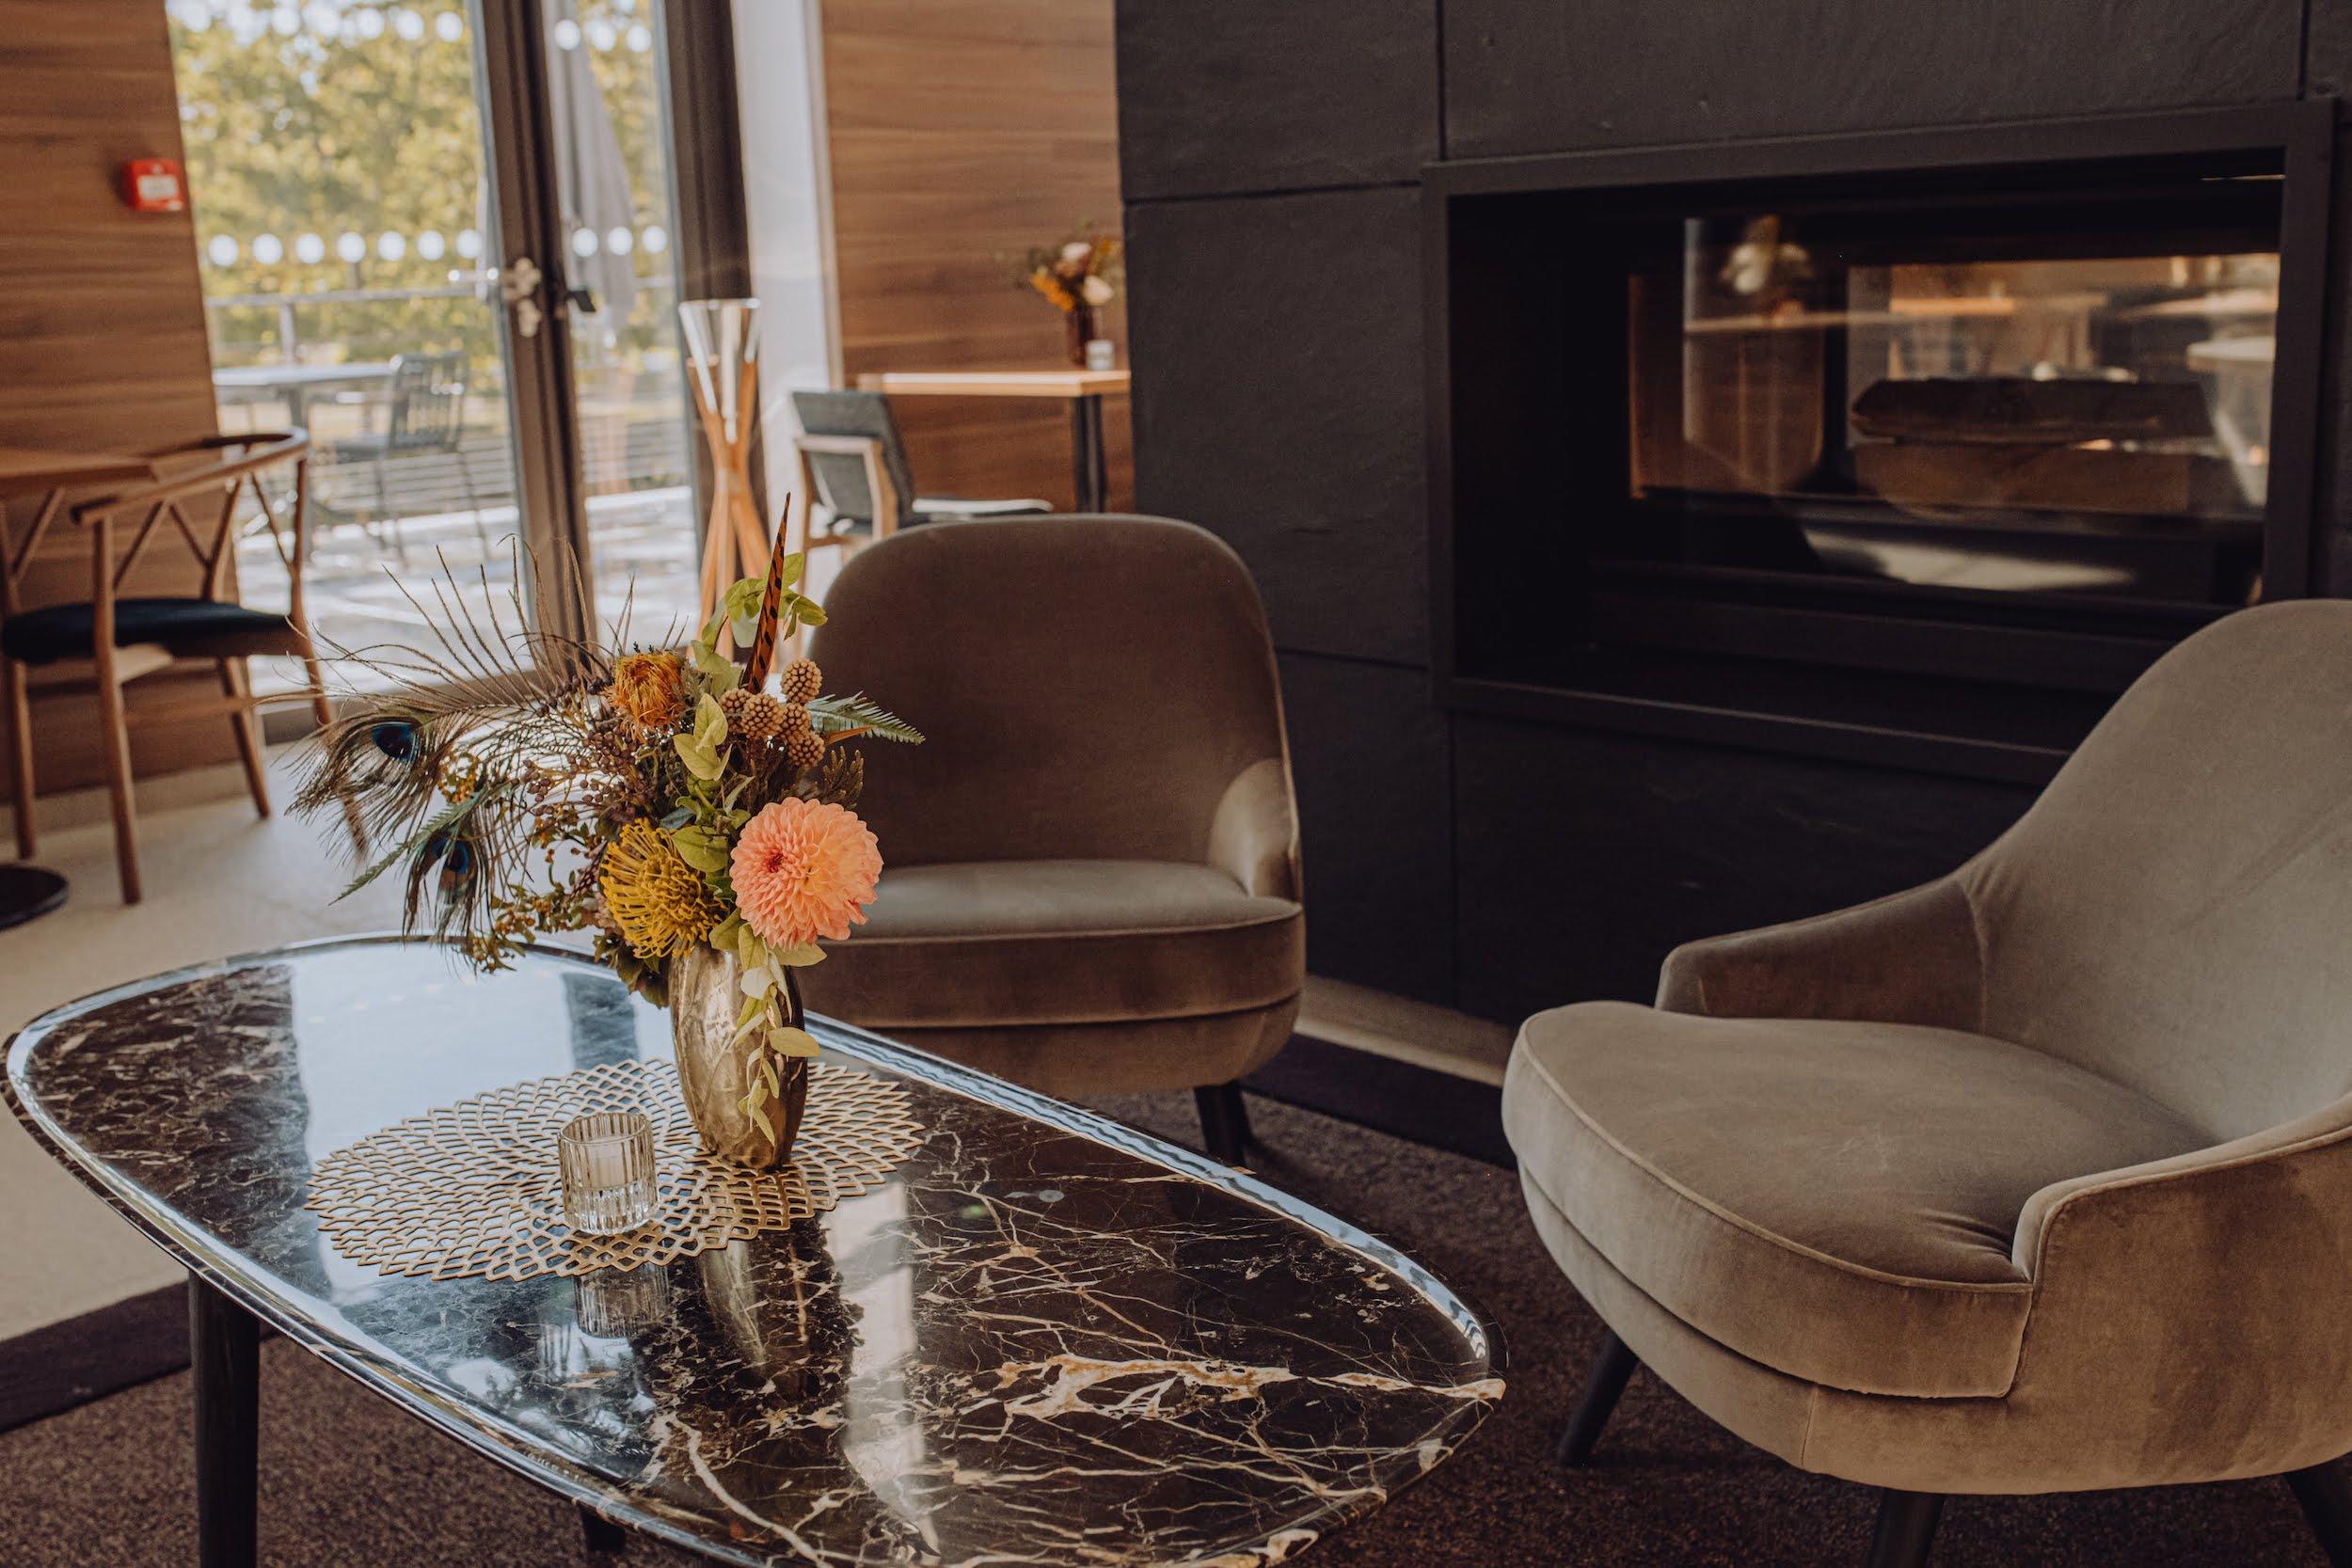 refletfleurs-fleuriste-scenographie-inauguration-hotel-domaine-les-vanneaux-paris14